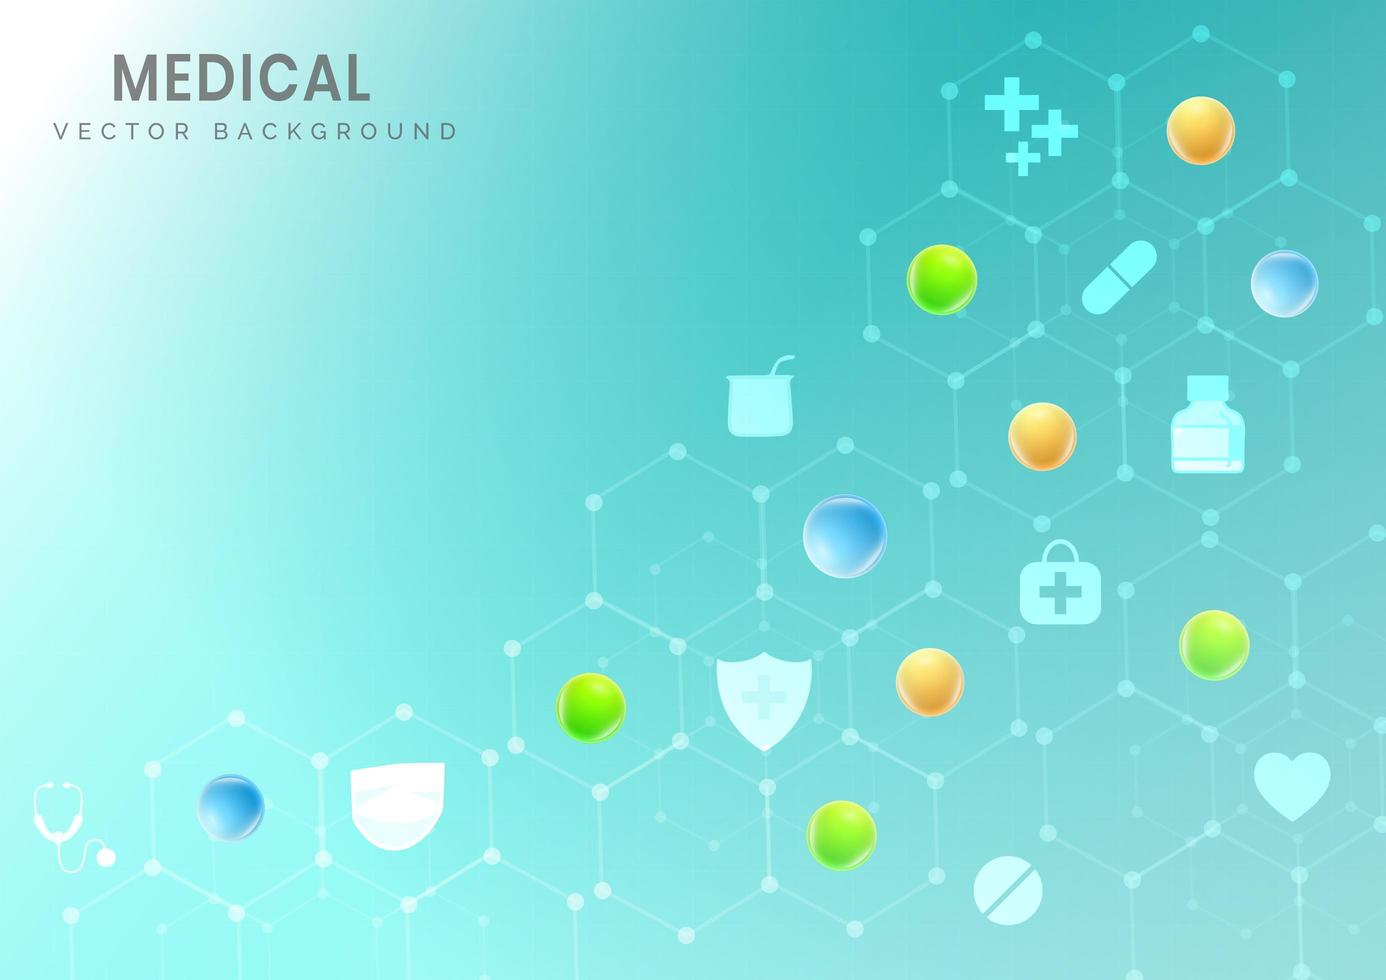 hexágono de fundo de padrão médico com ícones de ciência vetor